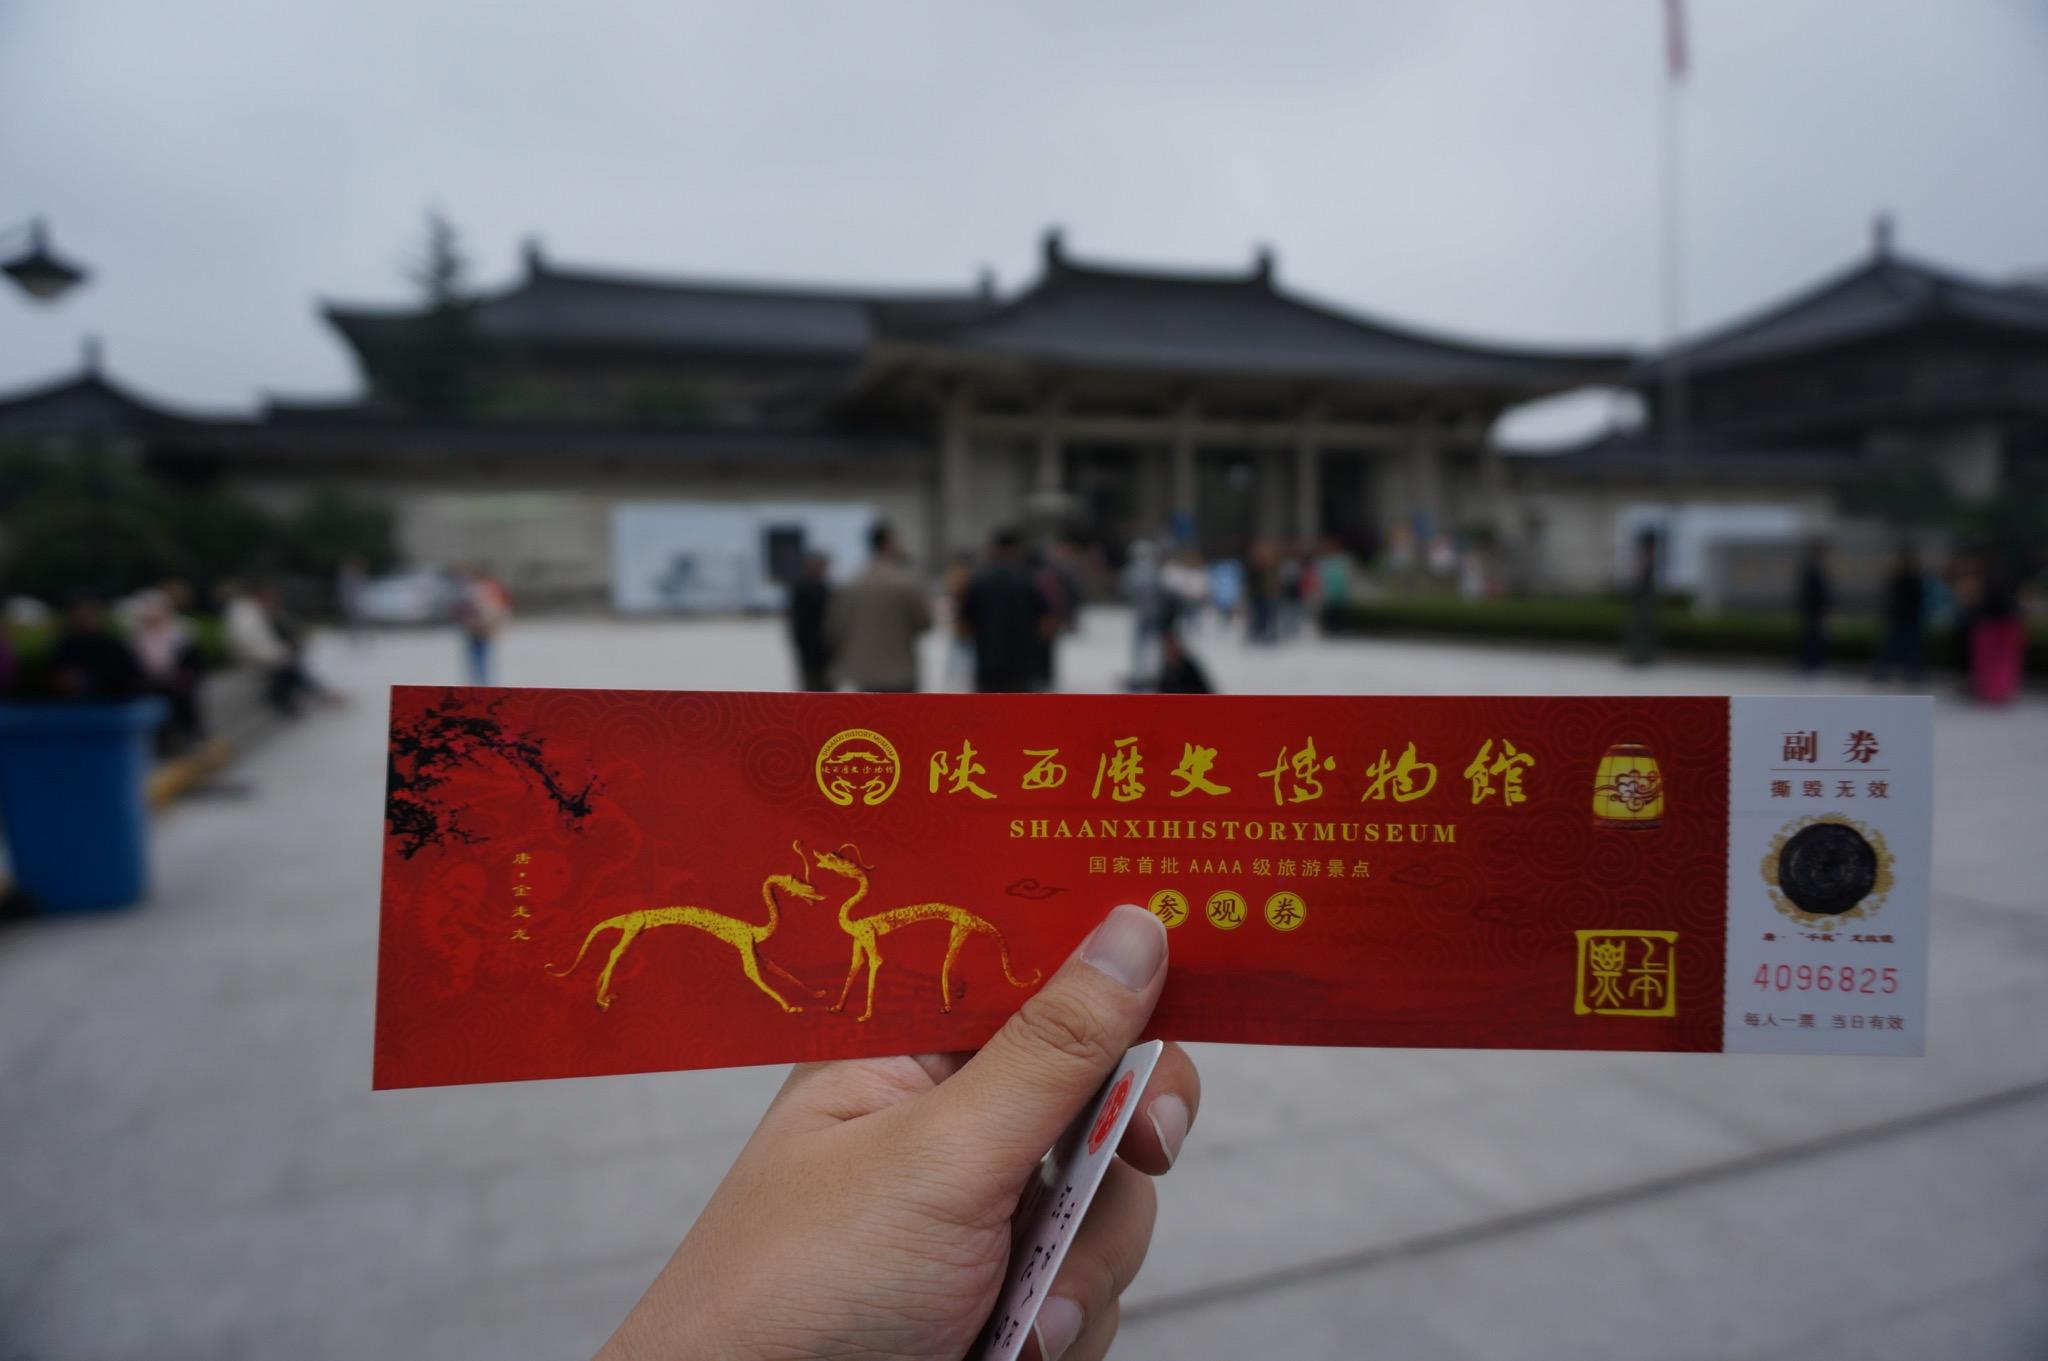 领到陕西历史博物馆的门票